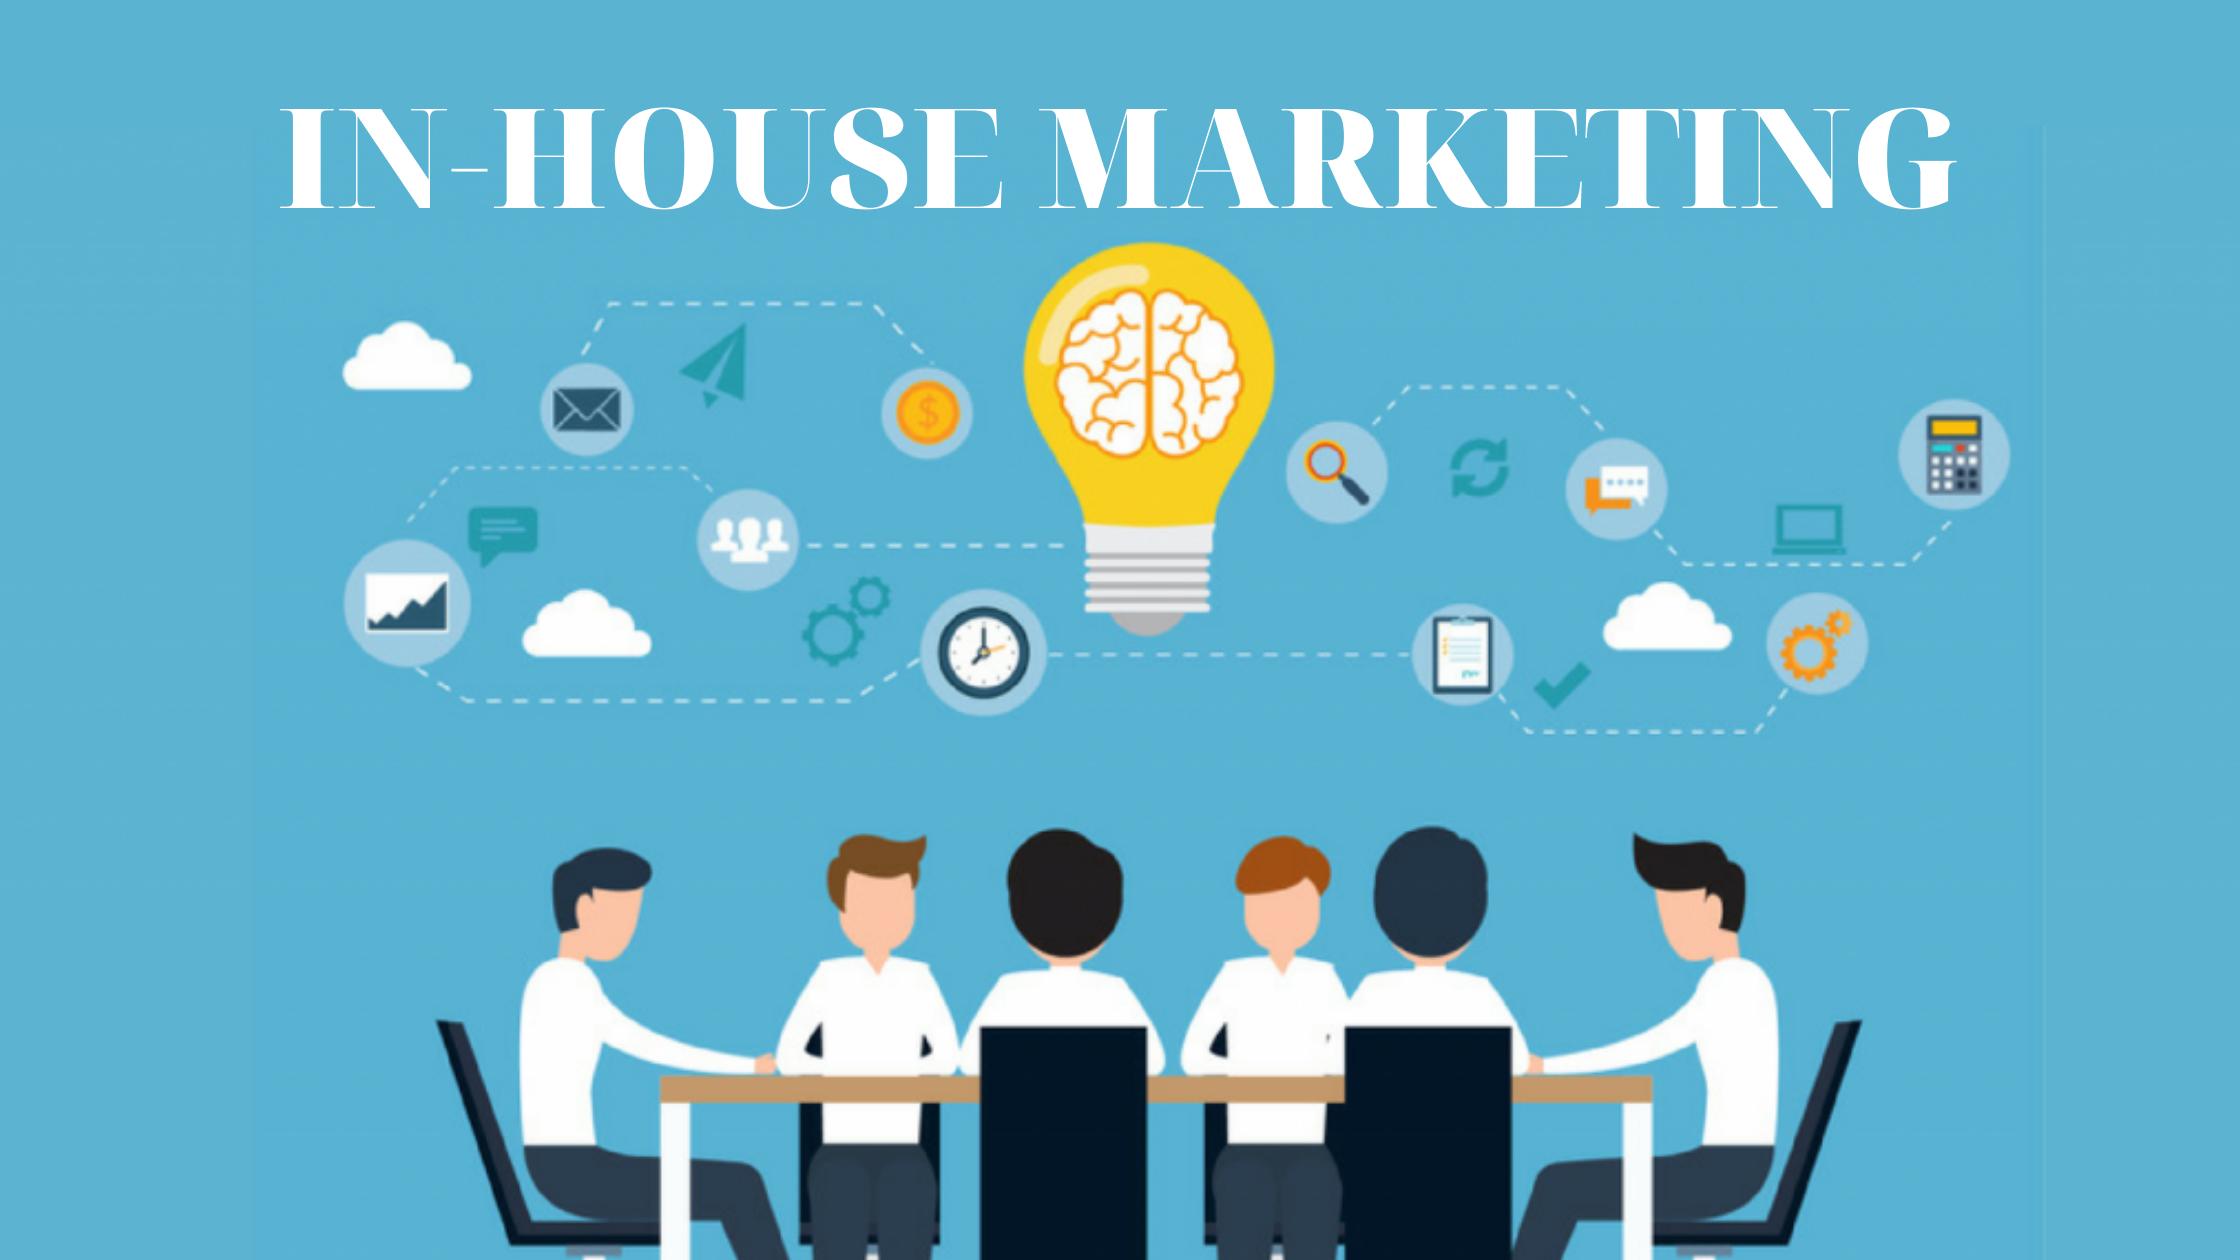 Đào tạo inhouse marketing hiệu quả cho doanh nghiệp